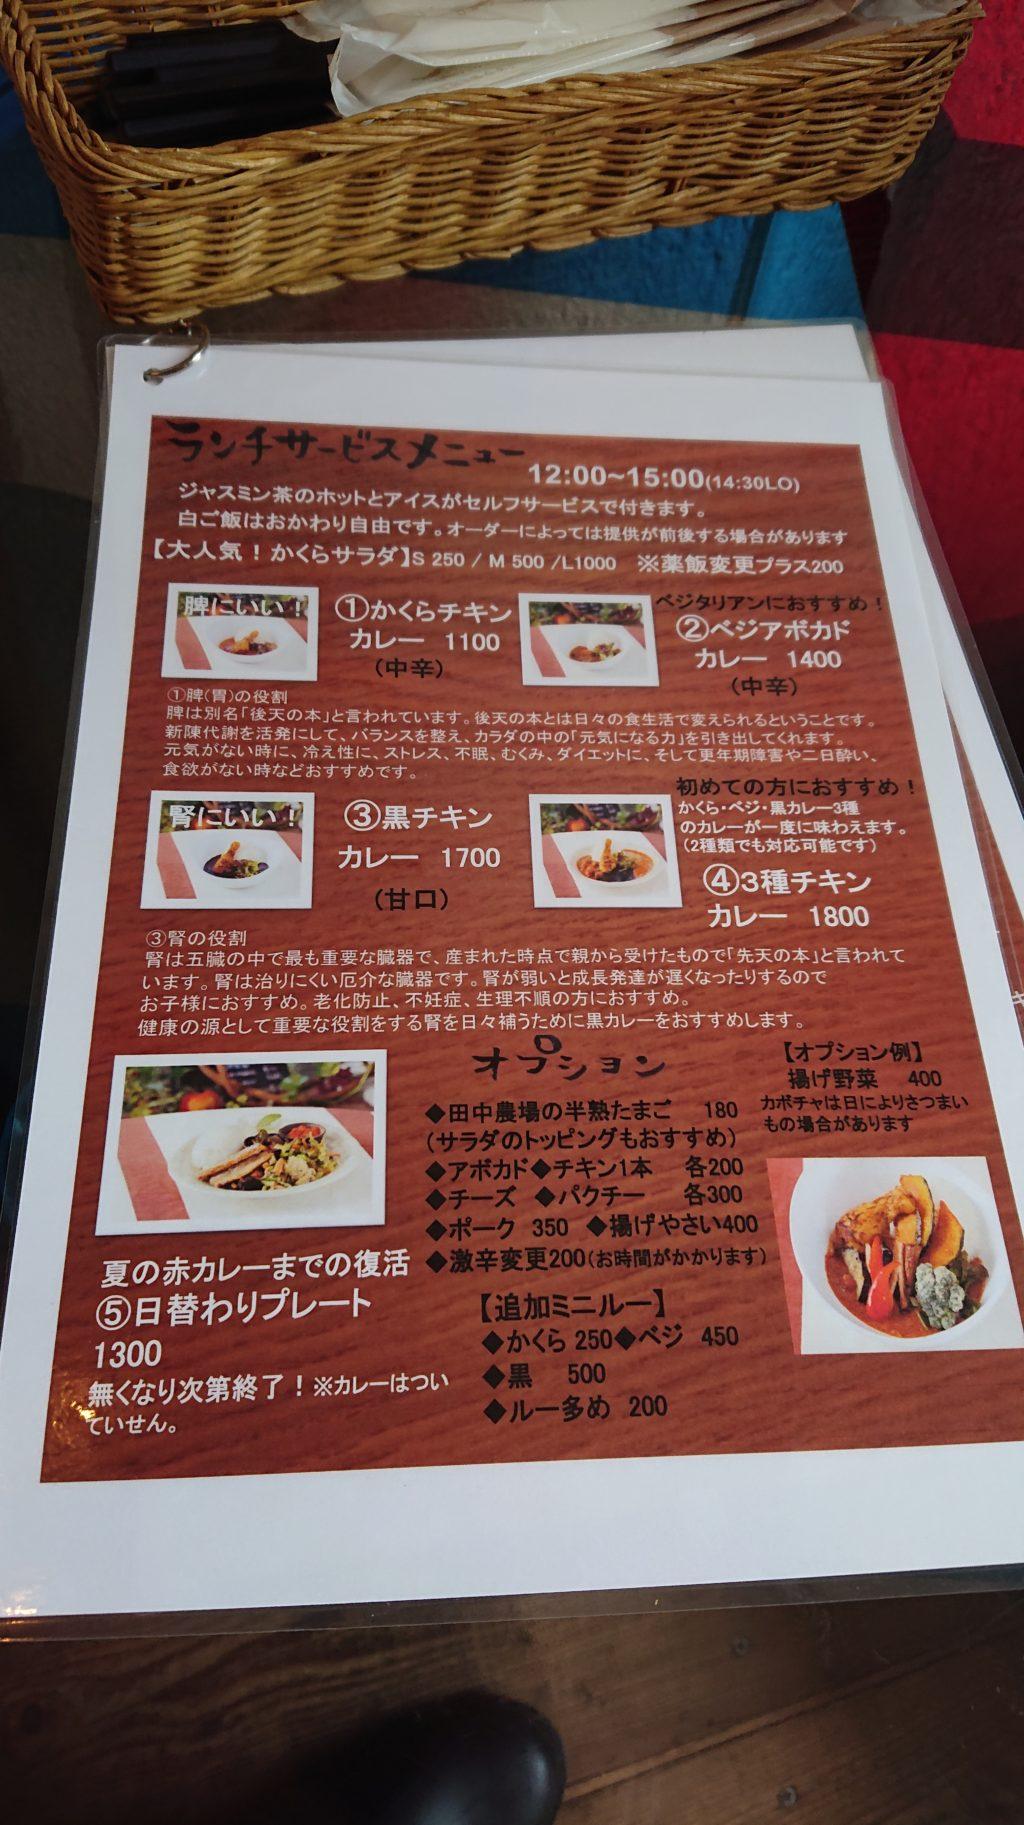 香食楽 (kakura カクラ)メニュー1